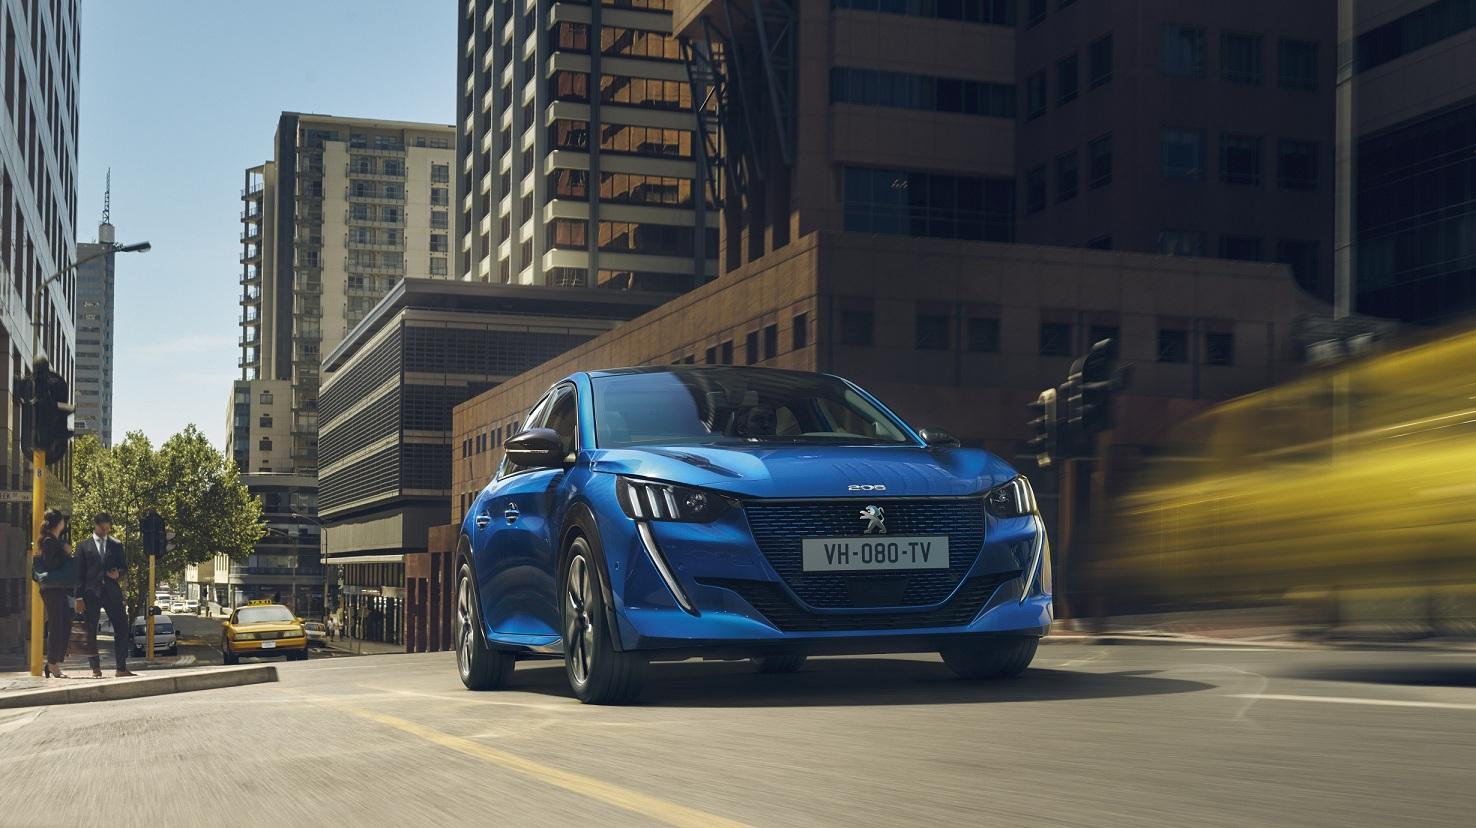 Novo Peugeot 208 vai ser apresentado à imprensa mundial em Portugal